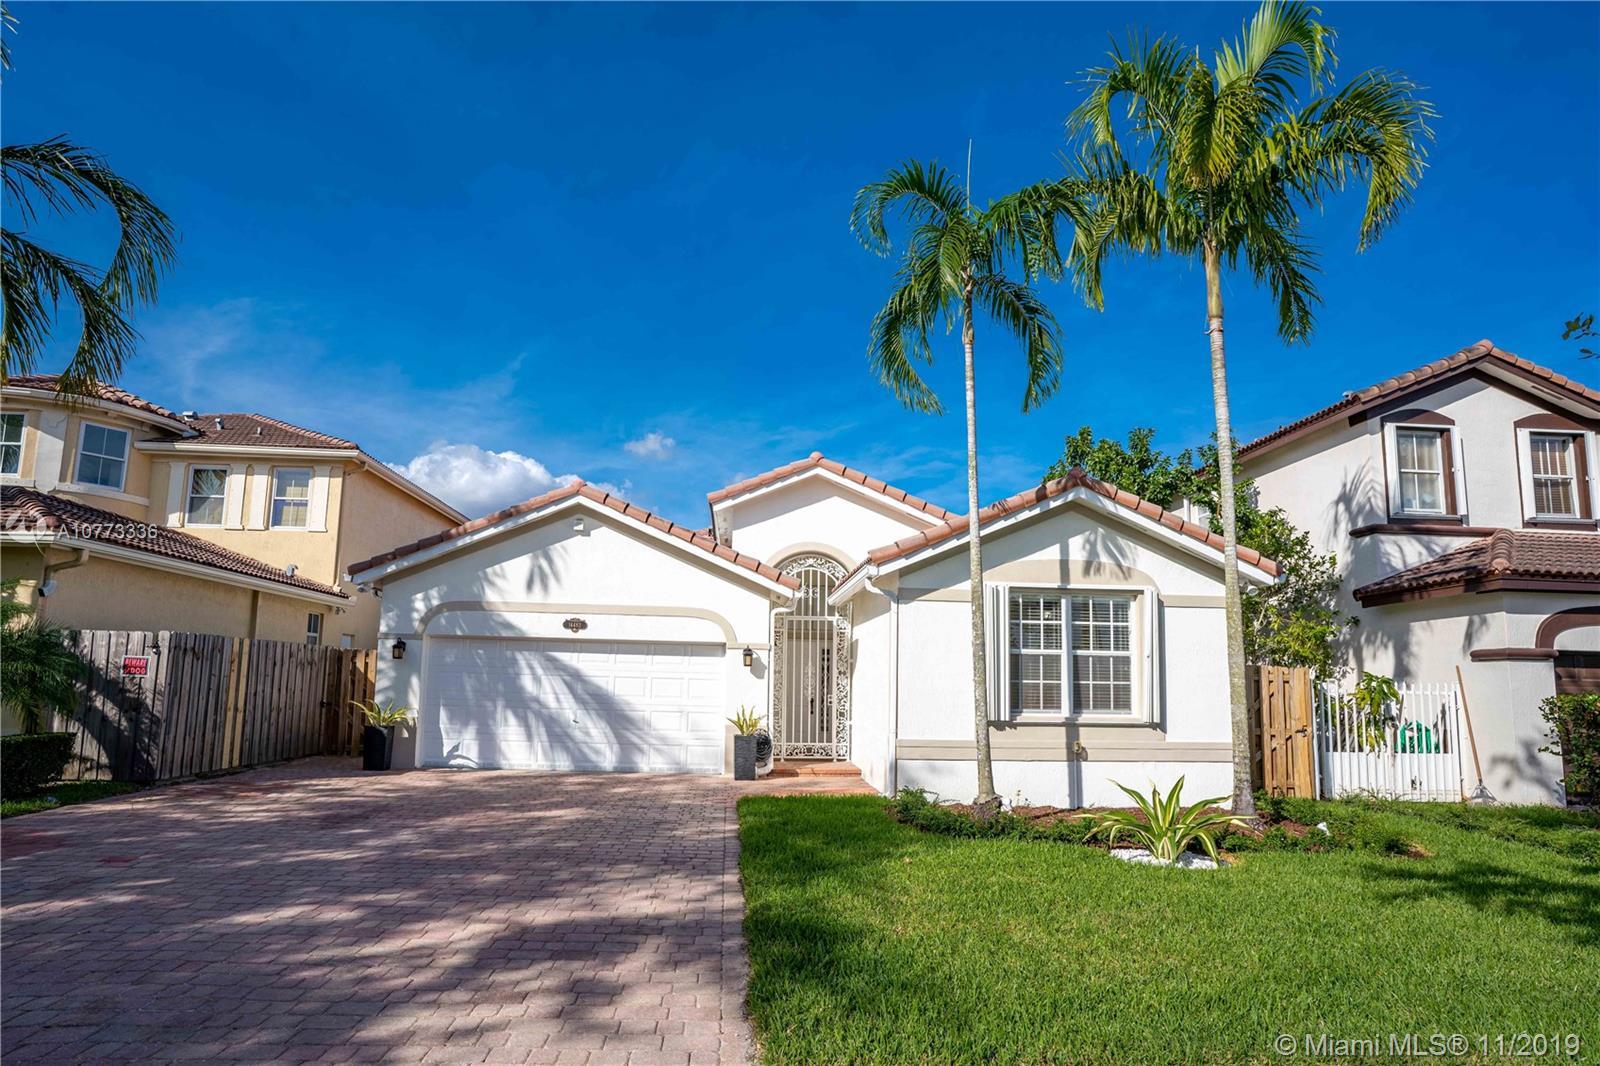 14483 SW 11th St, Miami, FL 33184